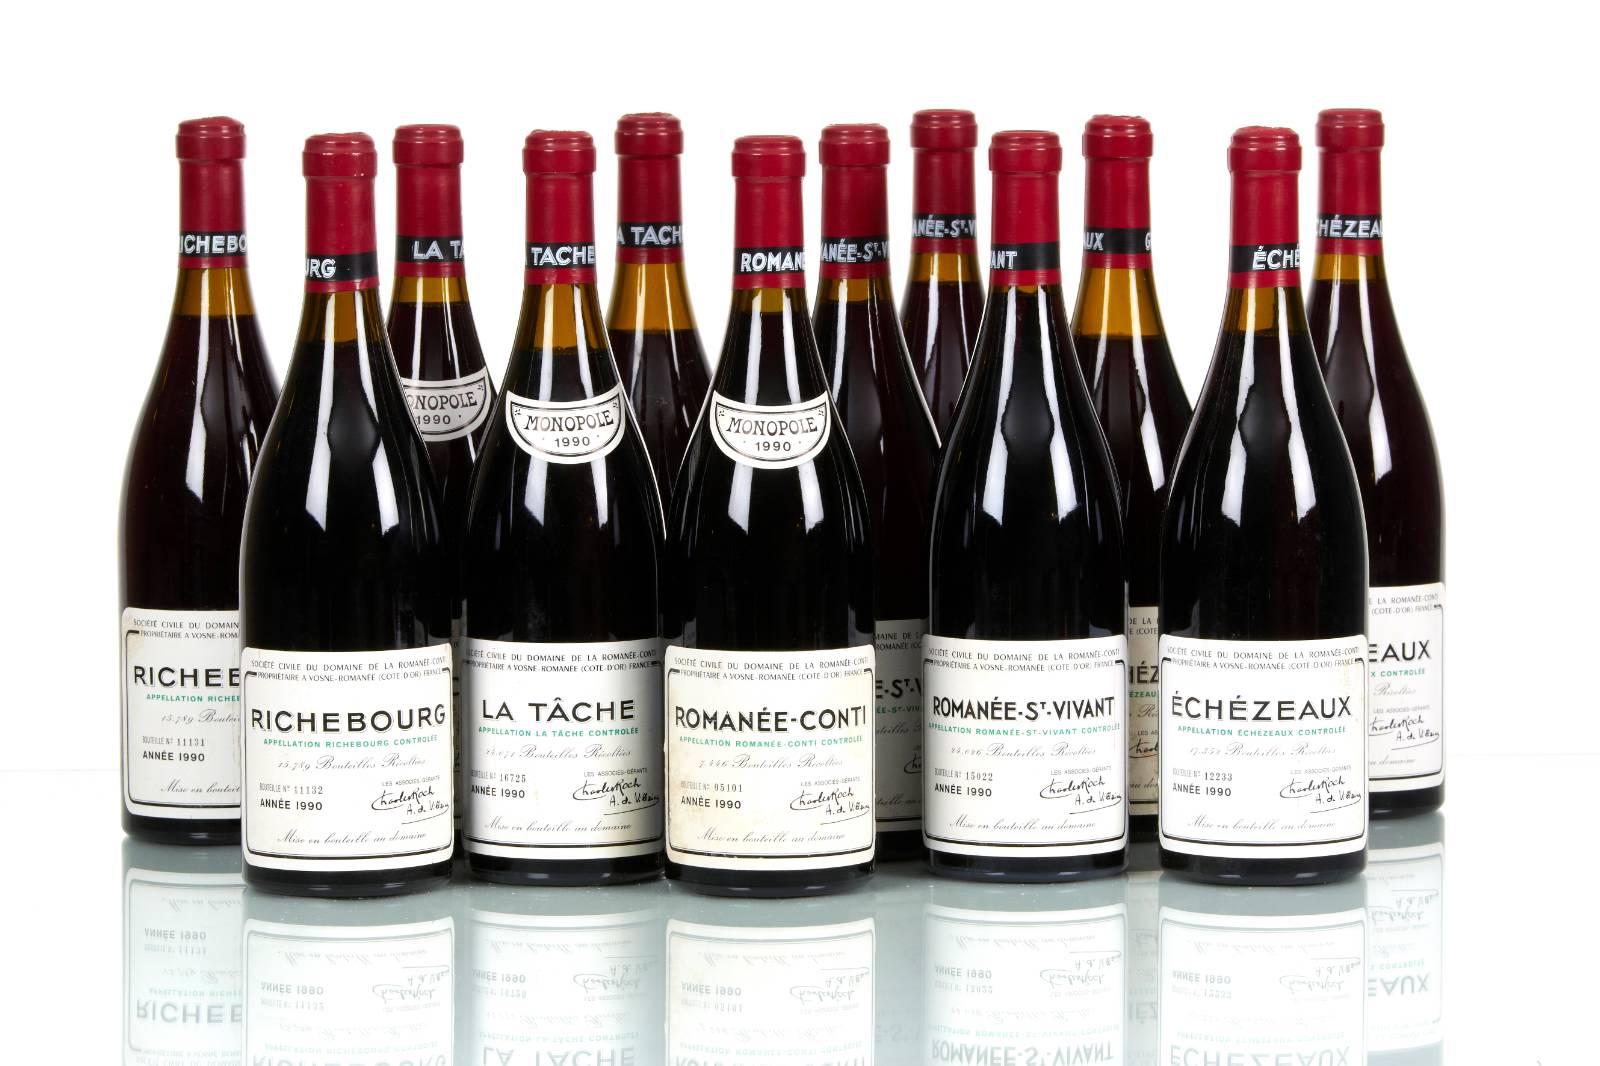 Quesito non ozioso sulle batterie di vini firmati DRC, cioè Domaine de la Romanée-Conti